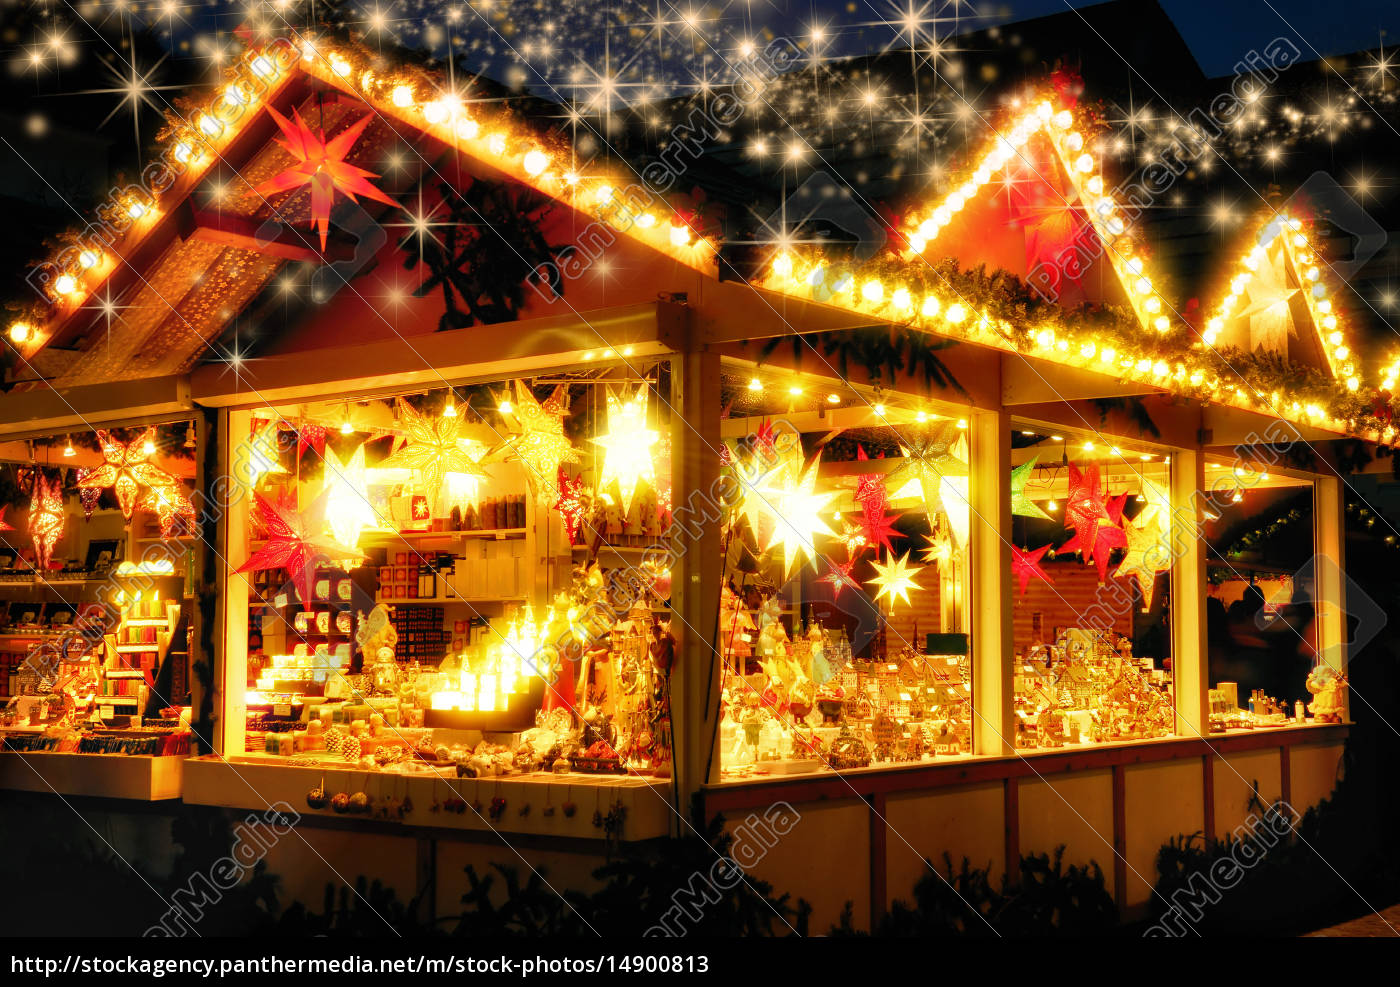 verkaufsstand, am, weihnachtsmarkt, , keine, logos - 14900813